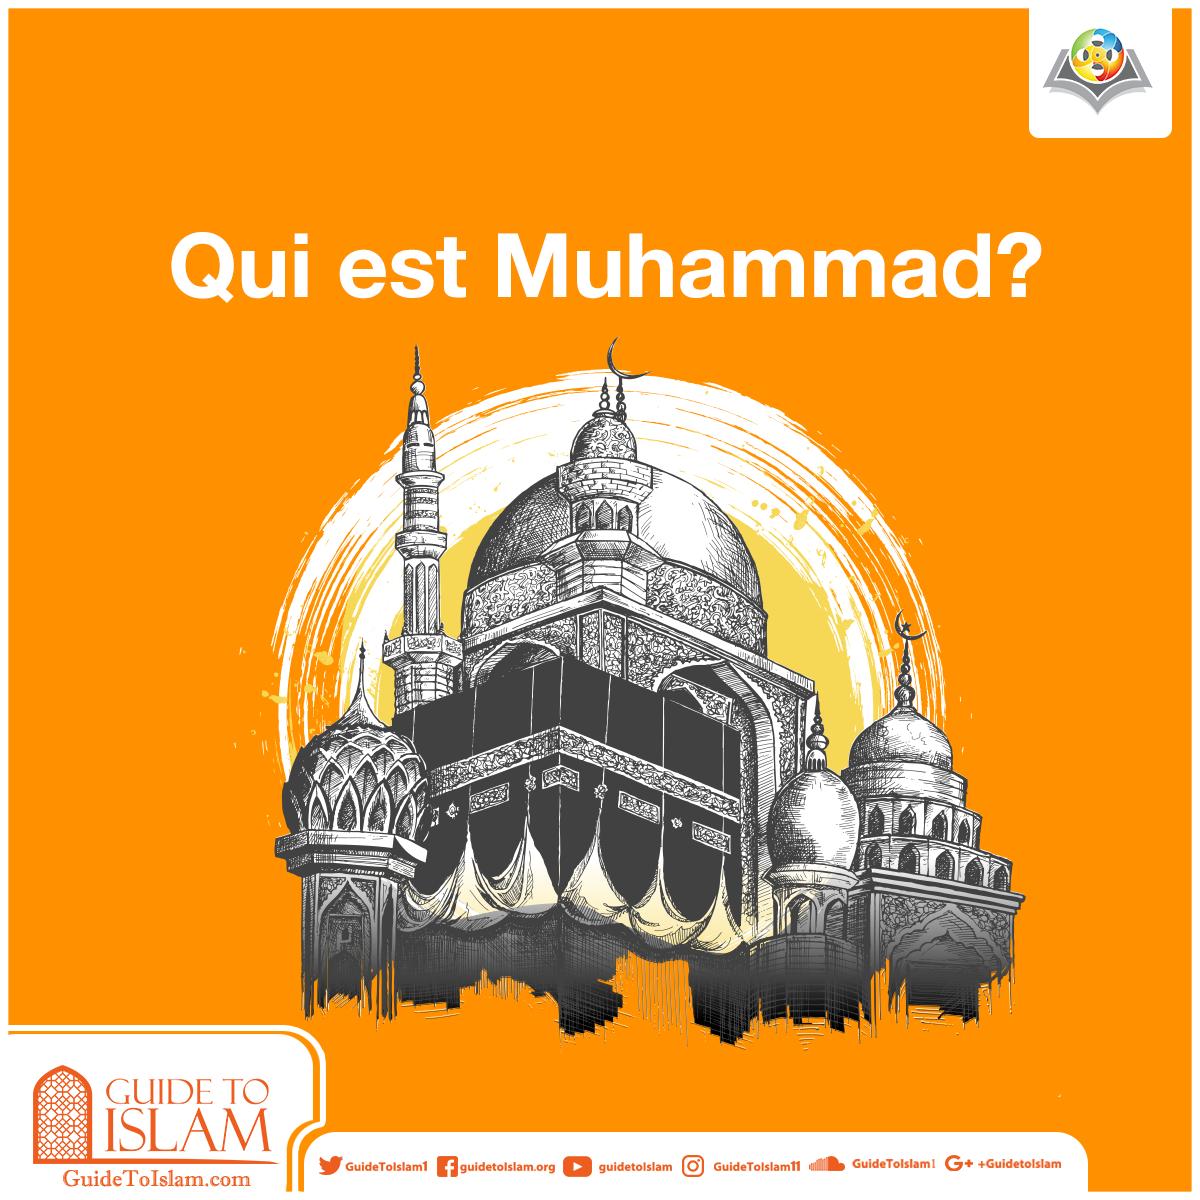 Qui est Muhammad?